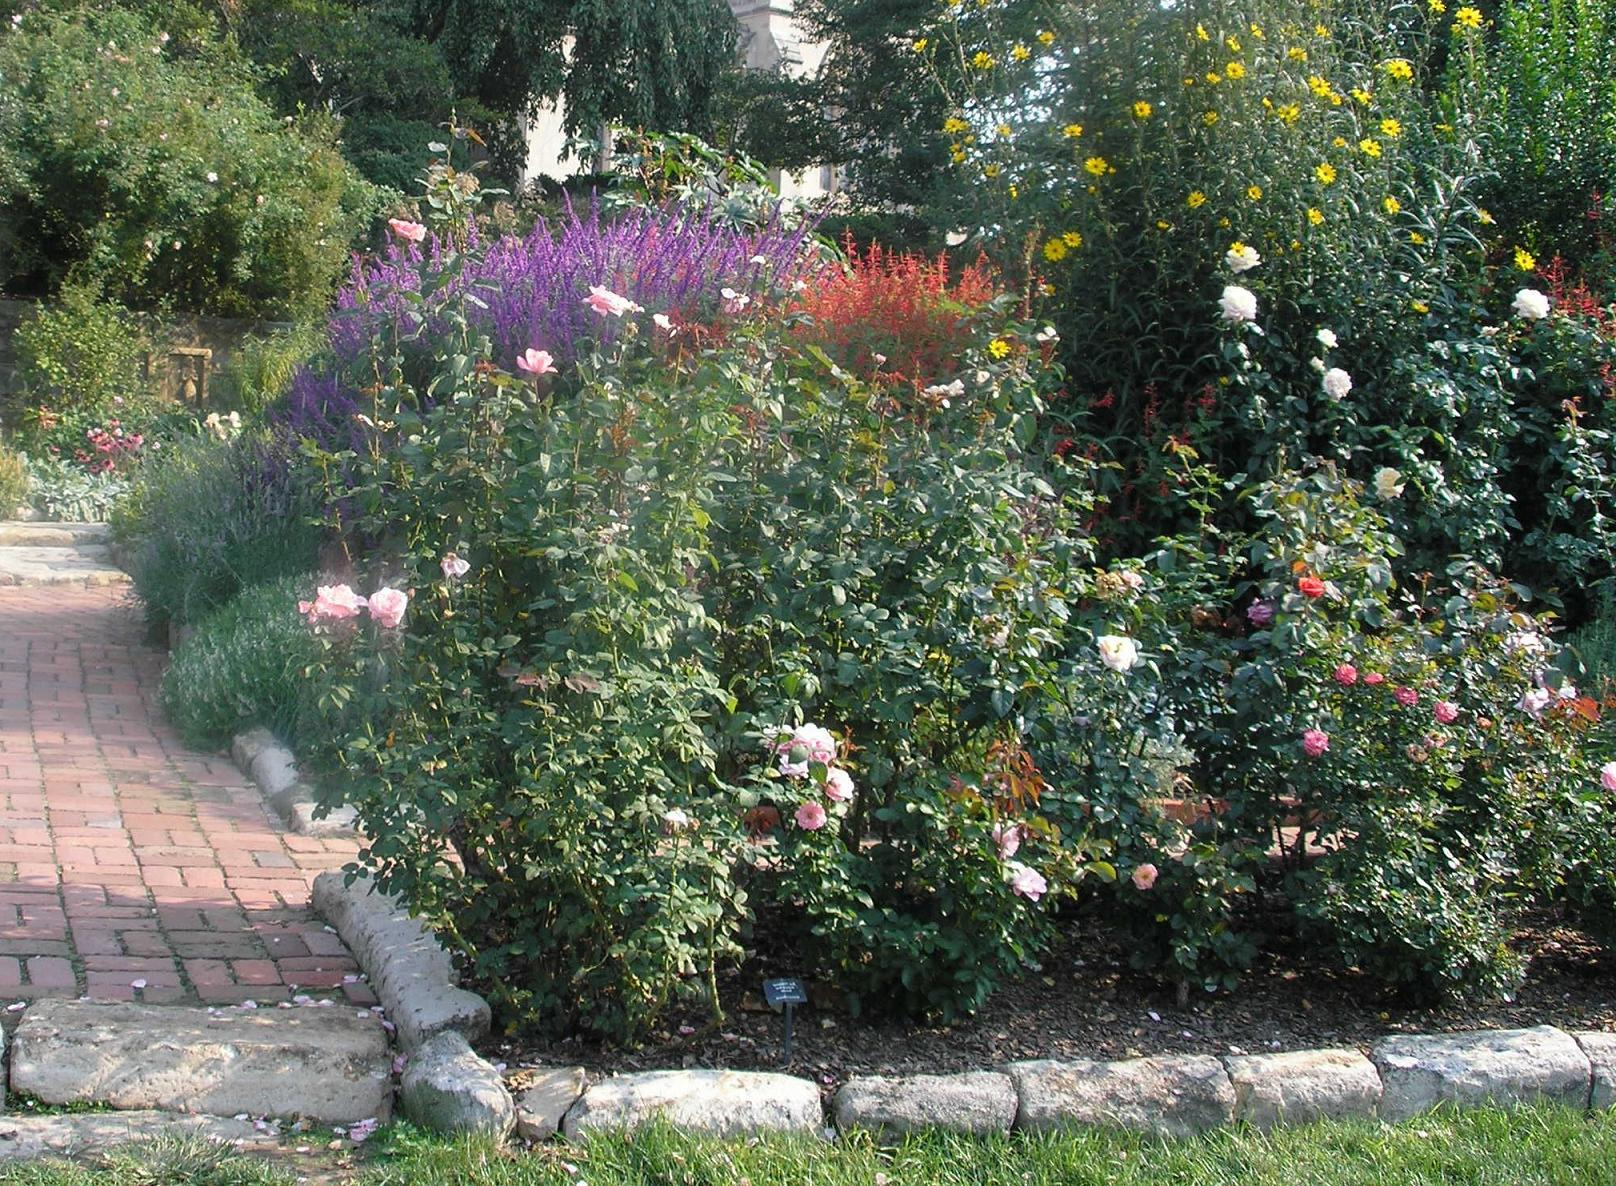 Bordure Jardin : Installer Des Bordures De Jardin | Pratique.fr à Bordure Jardin Pas Cher